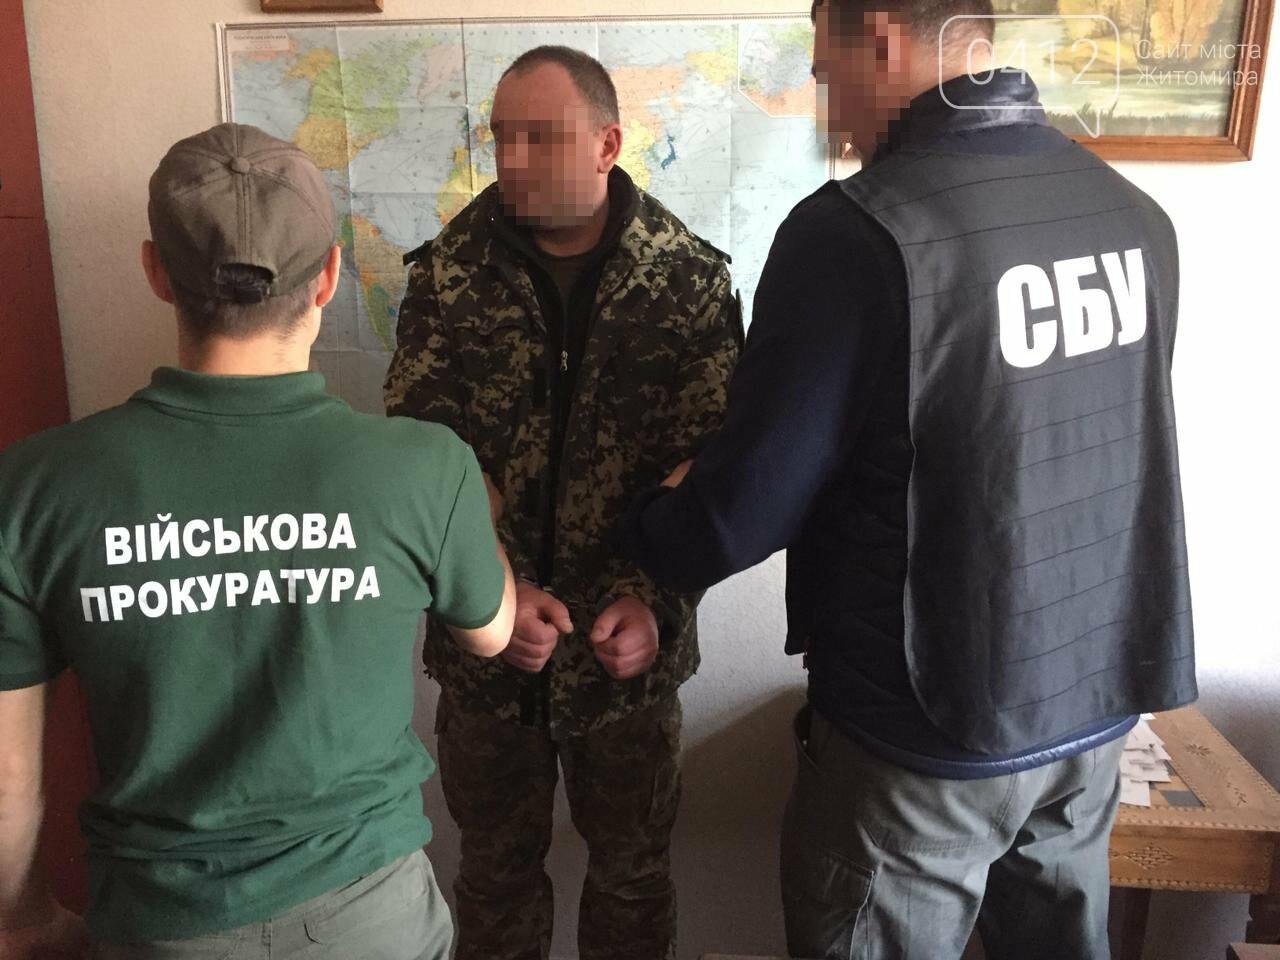 На Житомирщині СБУ затримала на хабарі посадовця пенітенціарного закладу, фото-4